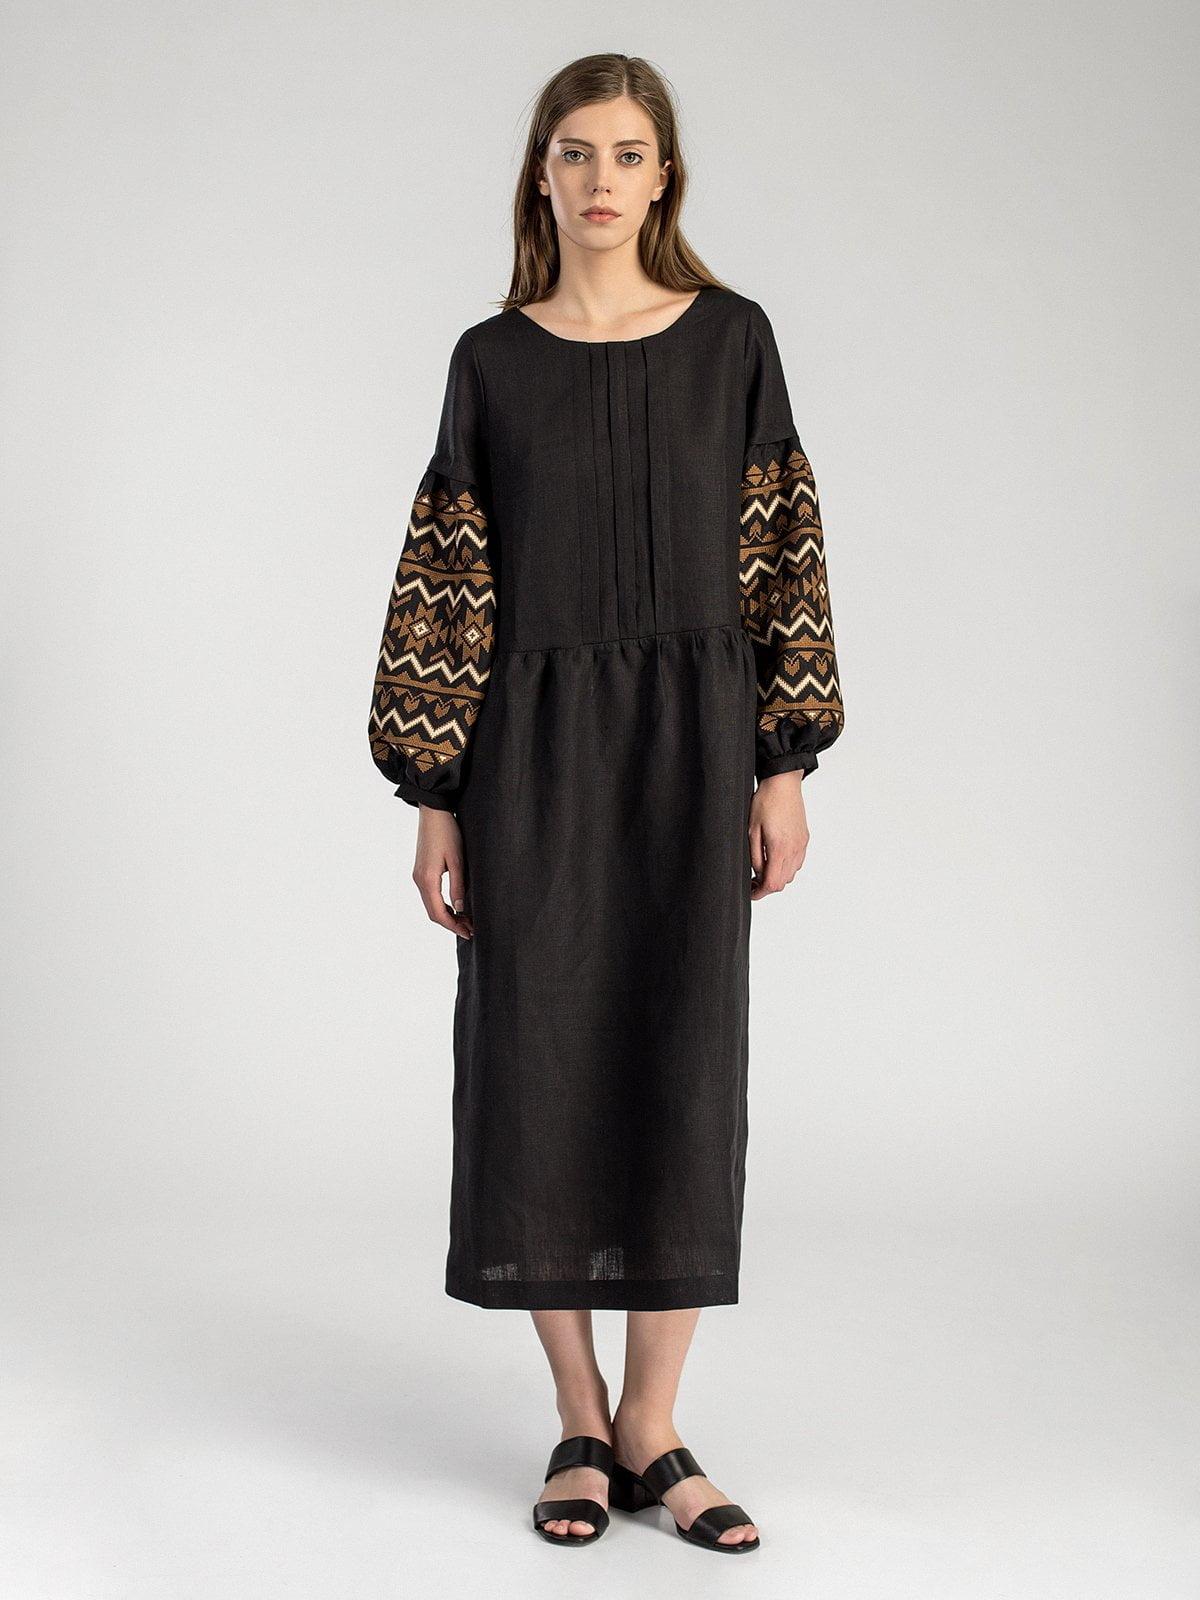 Довга чорна сукня з вишивкою на пишних рукавах MD23 Black – купити в ... 351bfc3705b2c